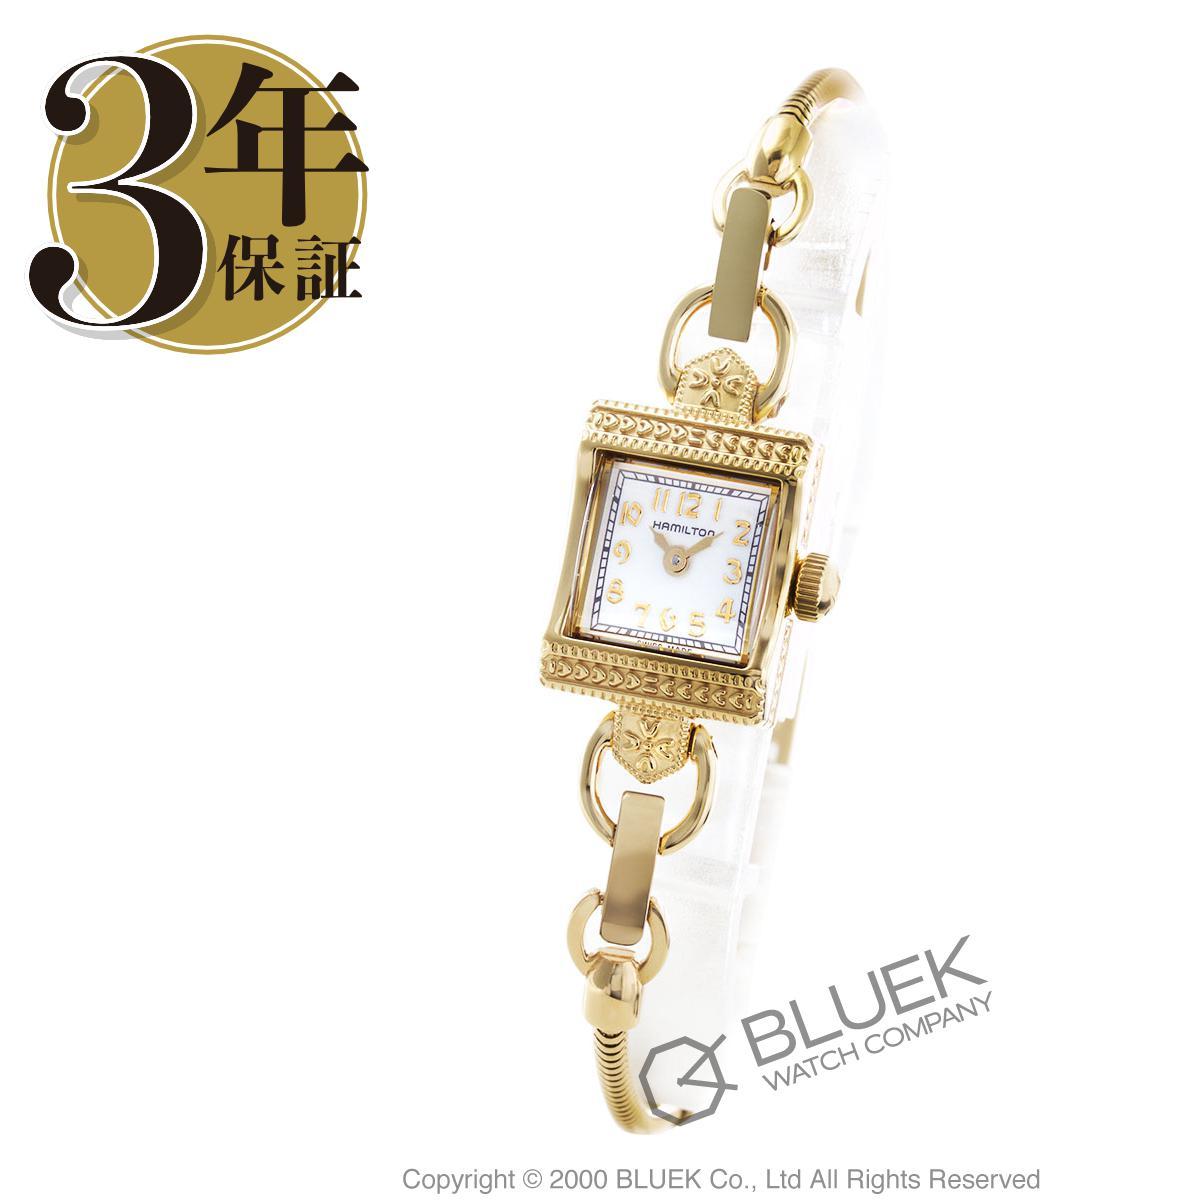 ハミルトン ヴィンテージ 腕時計 レディース HAMILTON H31231113_8 バーゲン ギフト プレゼント